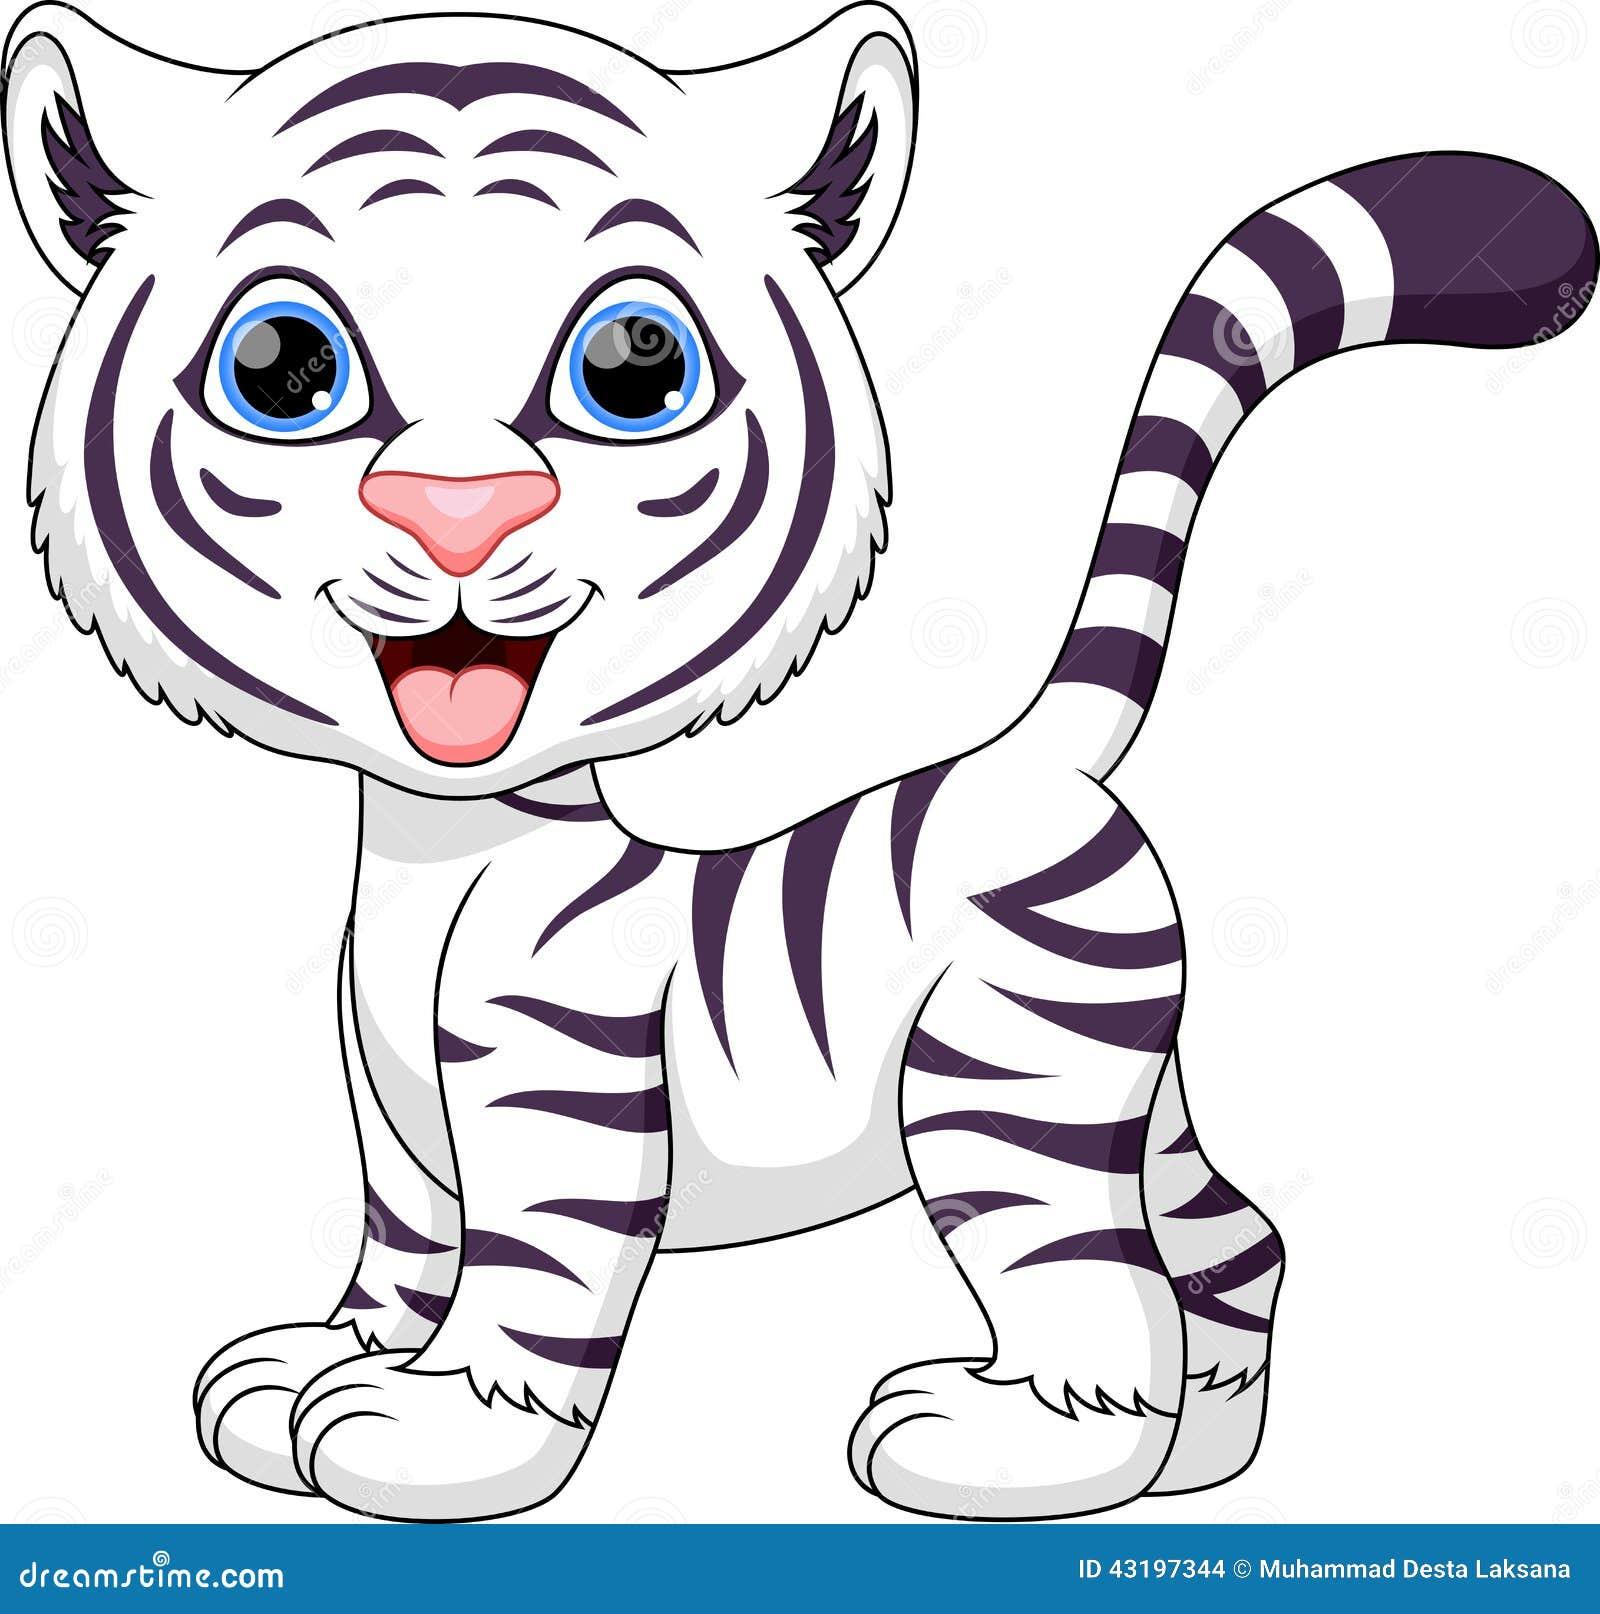 Dessin anim mignon de tigre illustration stock image 43197344 - Image dessin tigre ...